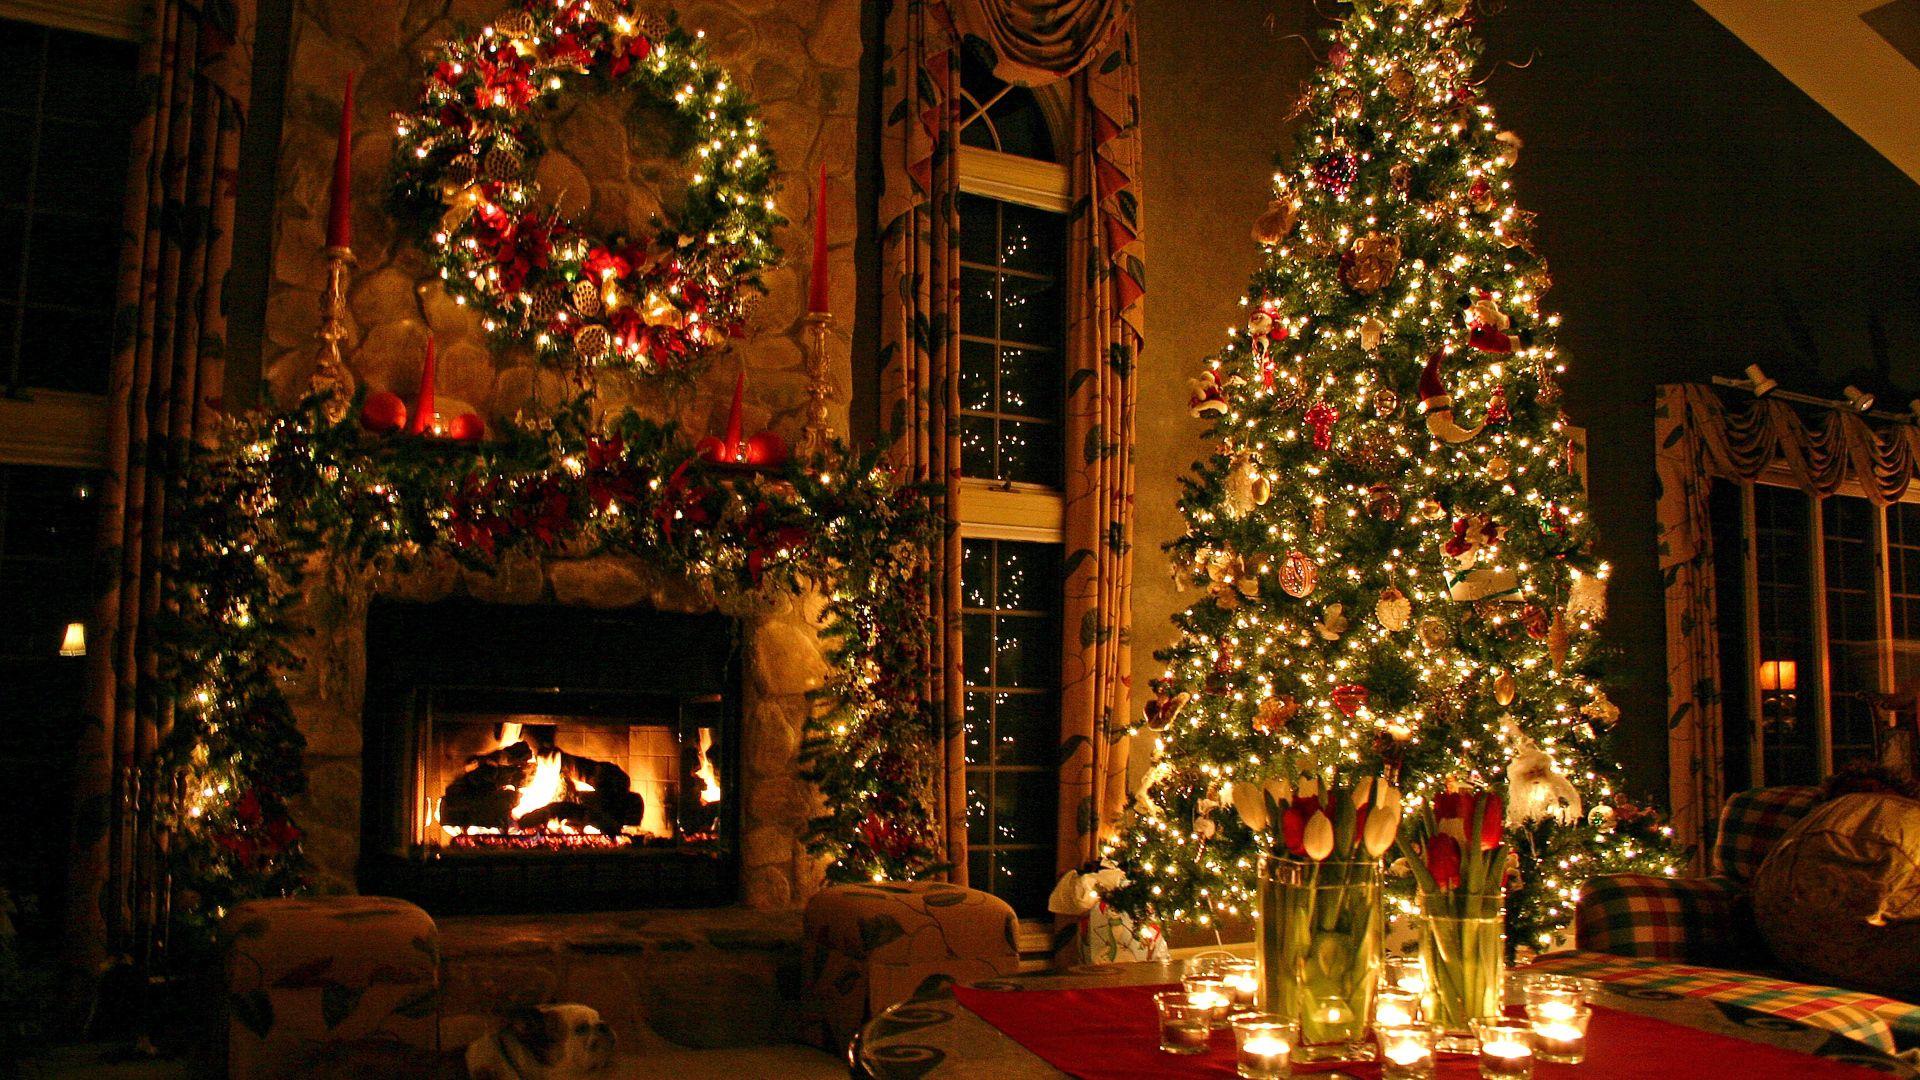 60306 скачать обои Праздники, Новый Год, Праздник, Дом, Елка - заставки и картинки бесплатно